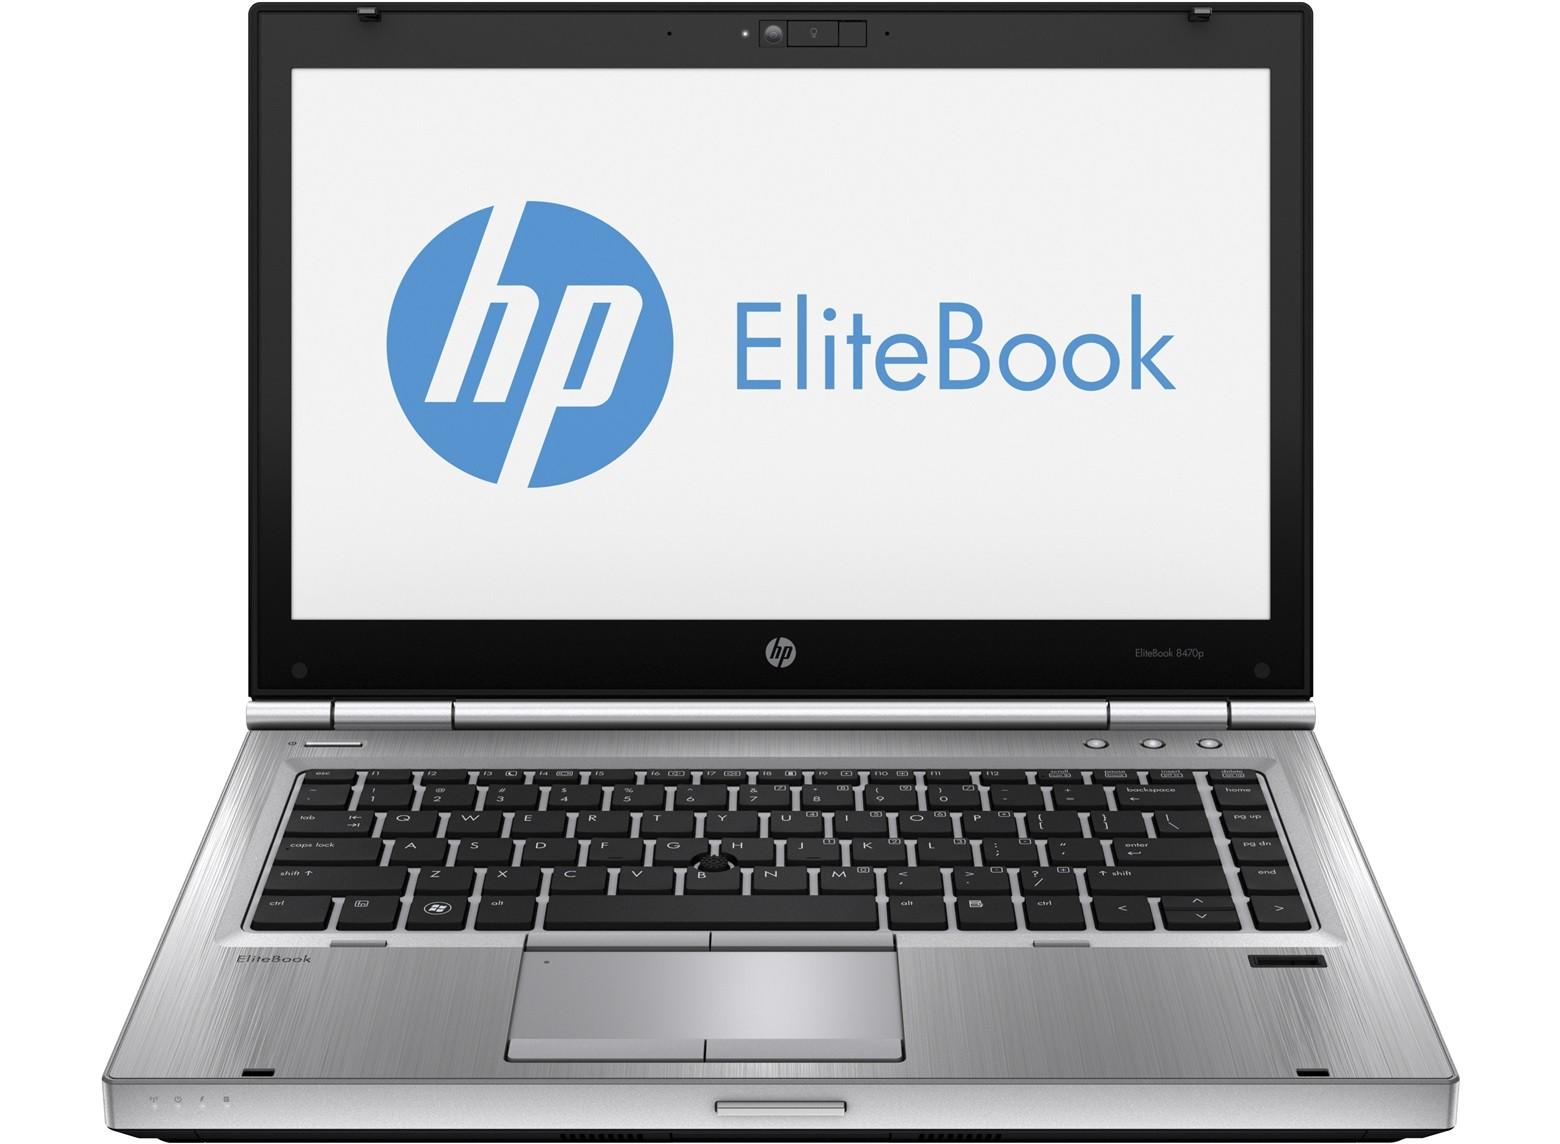 Hp elitebook 8470p intel i5-3320m 3th gen 8gb 180gb ssd hdmi